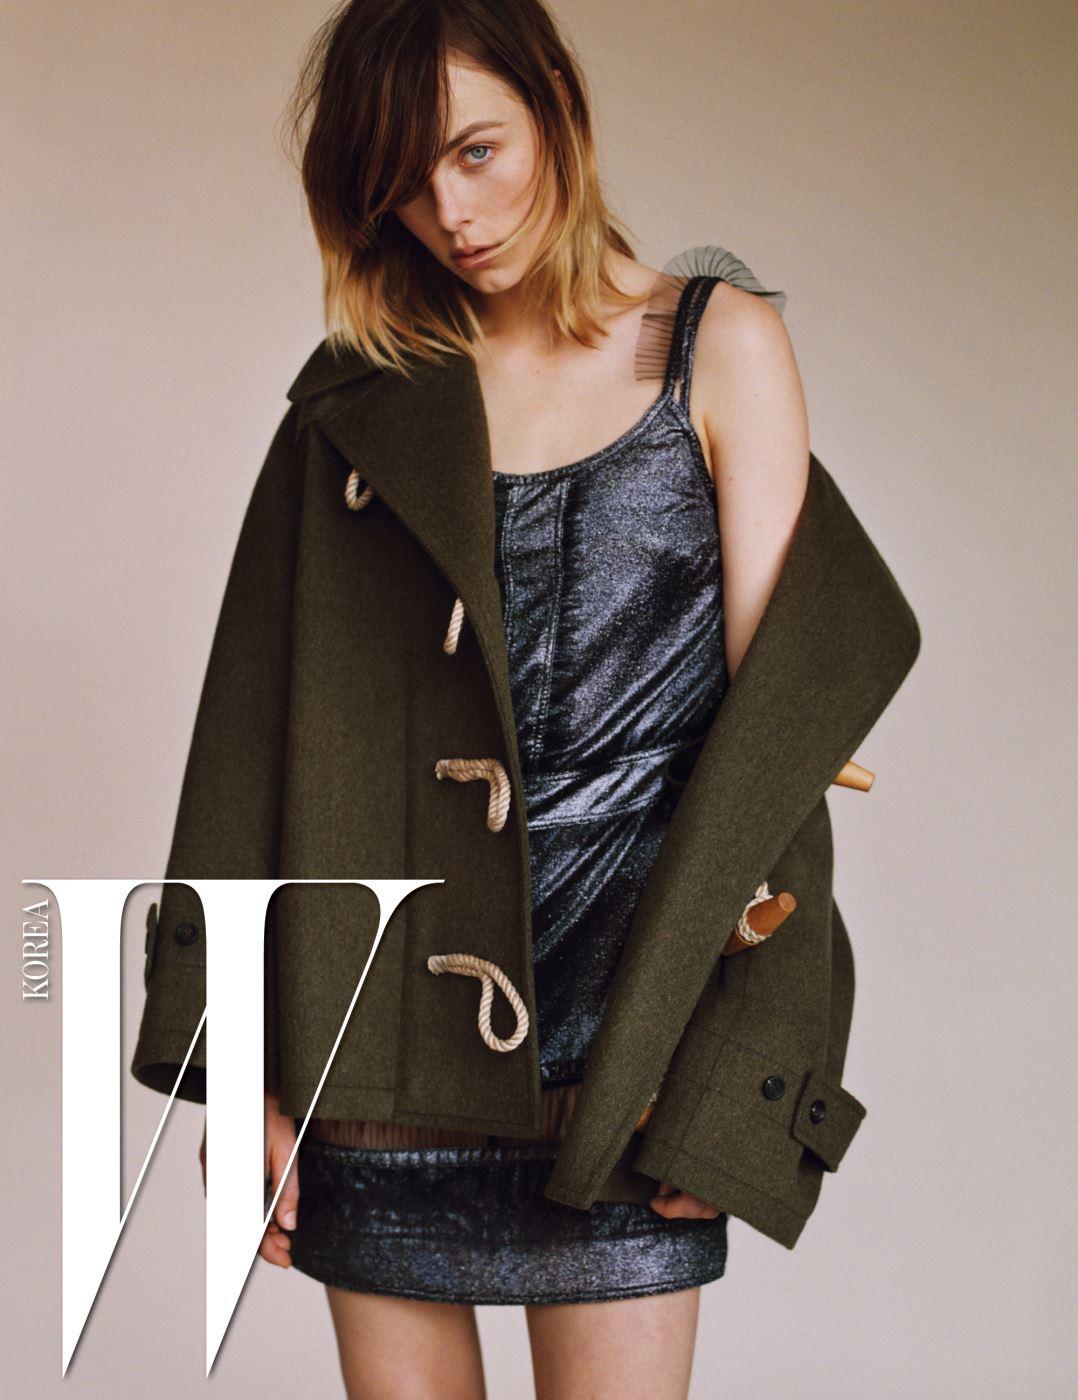 어깨 부분의 시스루 러플 장식이 여성스러운 메탈릭 미니 드레스, 카키색 더플코트는 Burberry 제품.